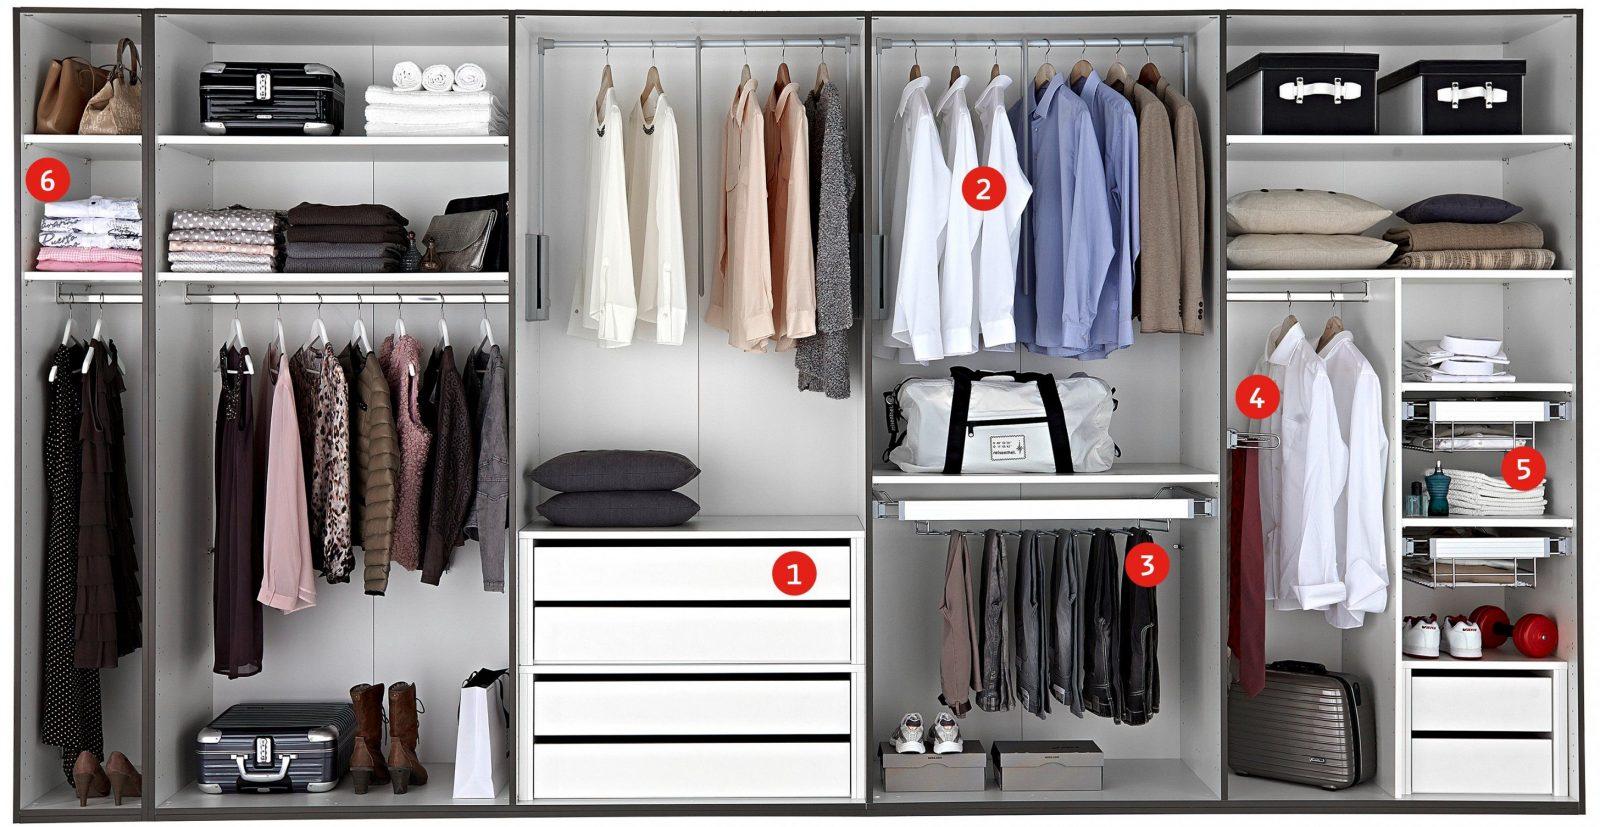 Kleiderschrank Inneneinrichtung Selber Machen  Die Besten von Kleiderschrank Inneneinrichtung Selber Bauen Photo